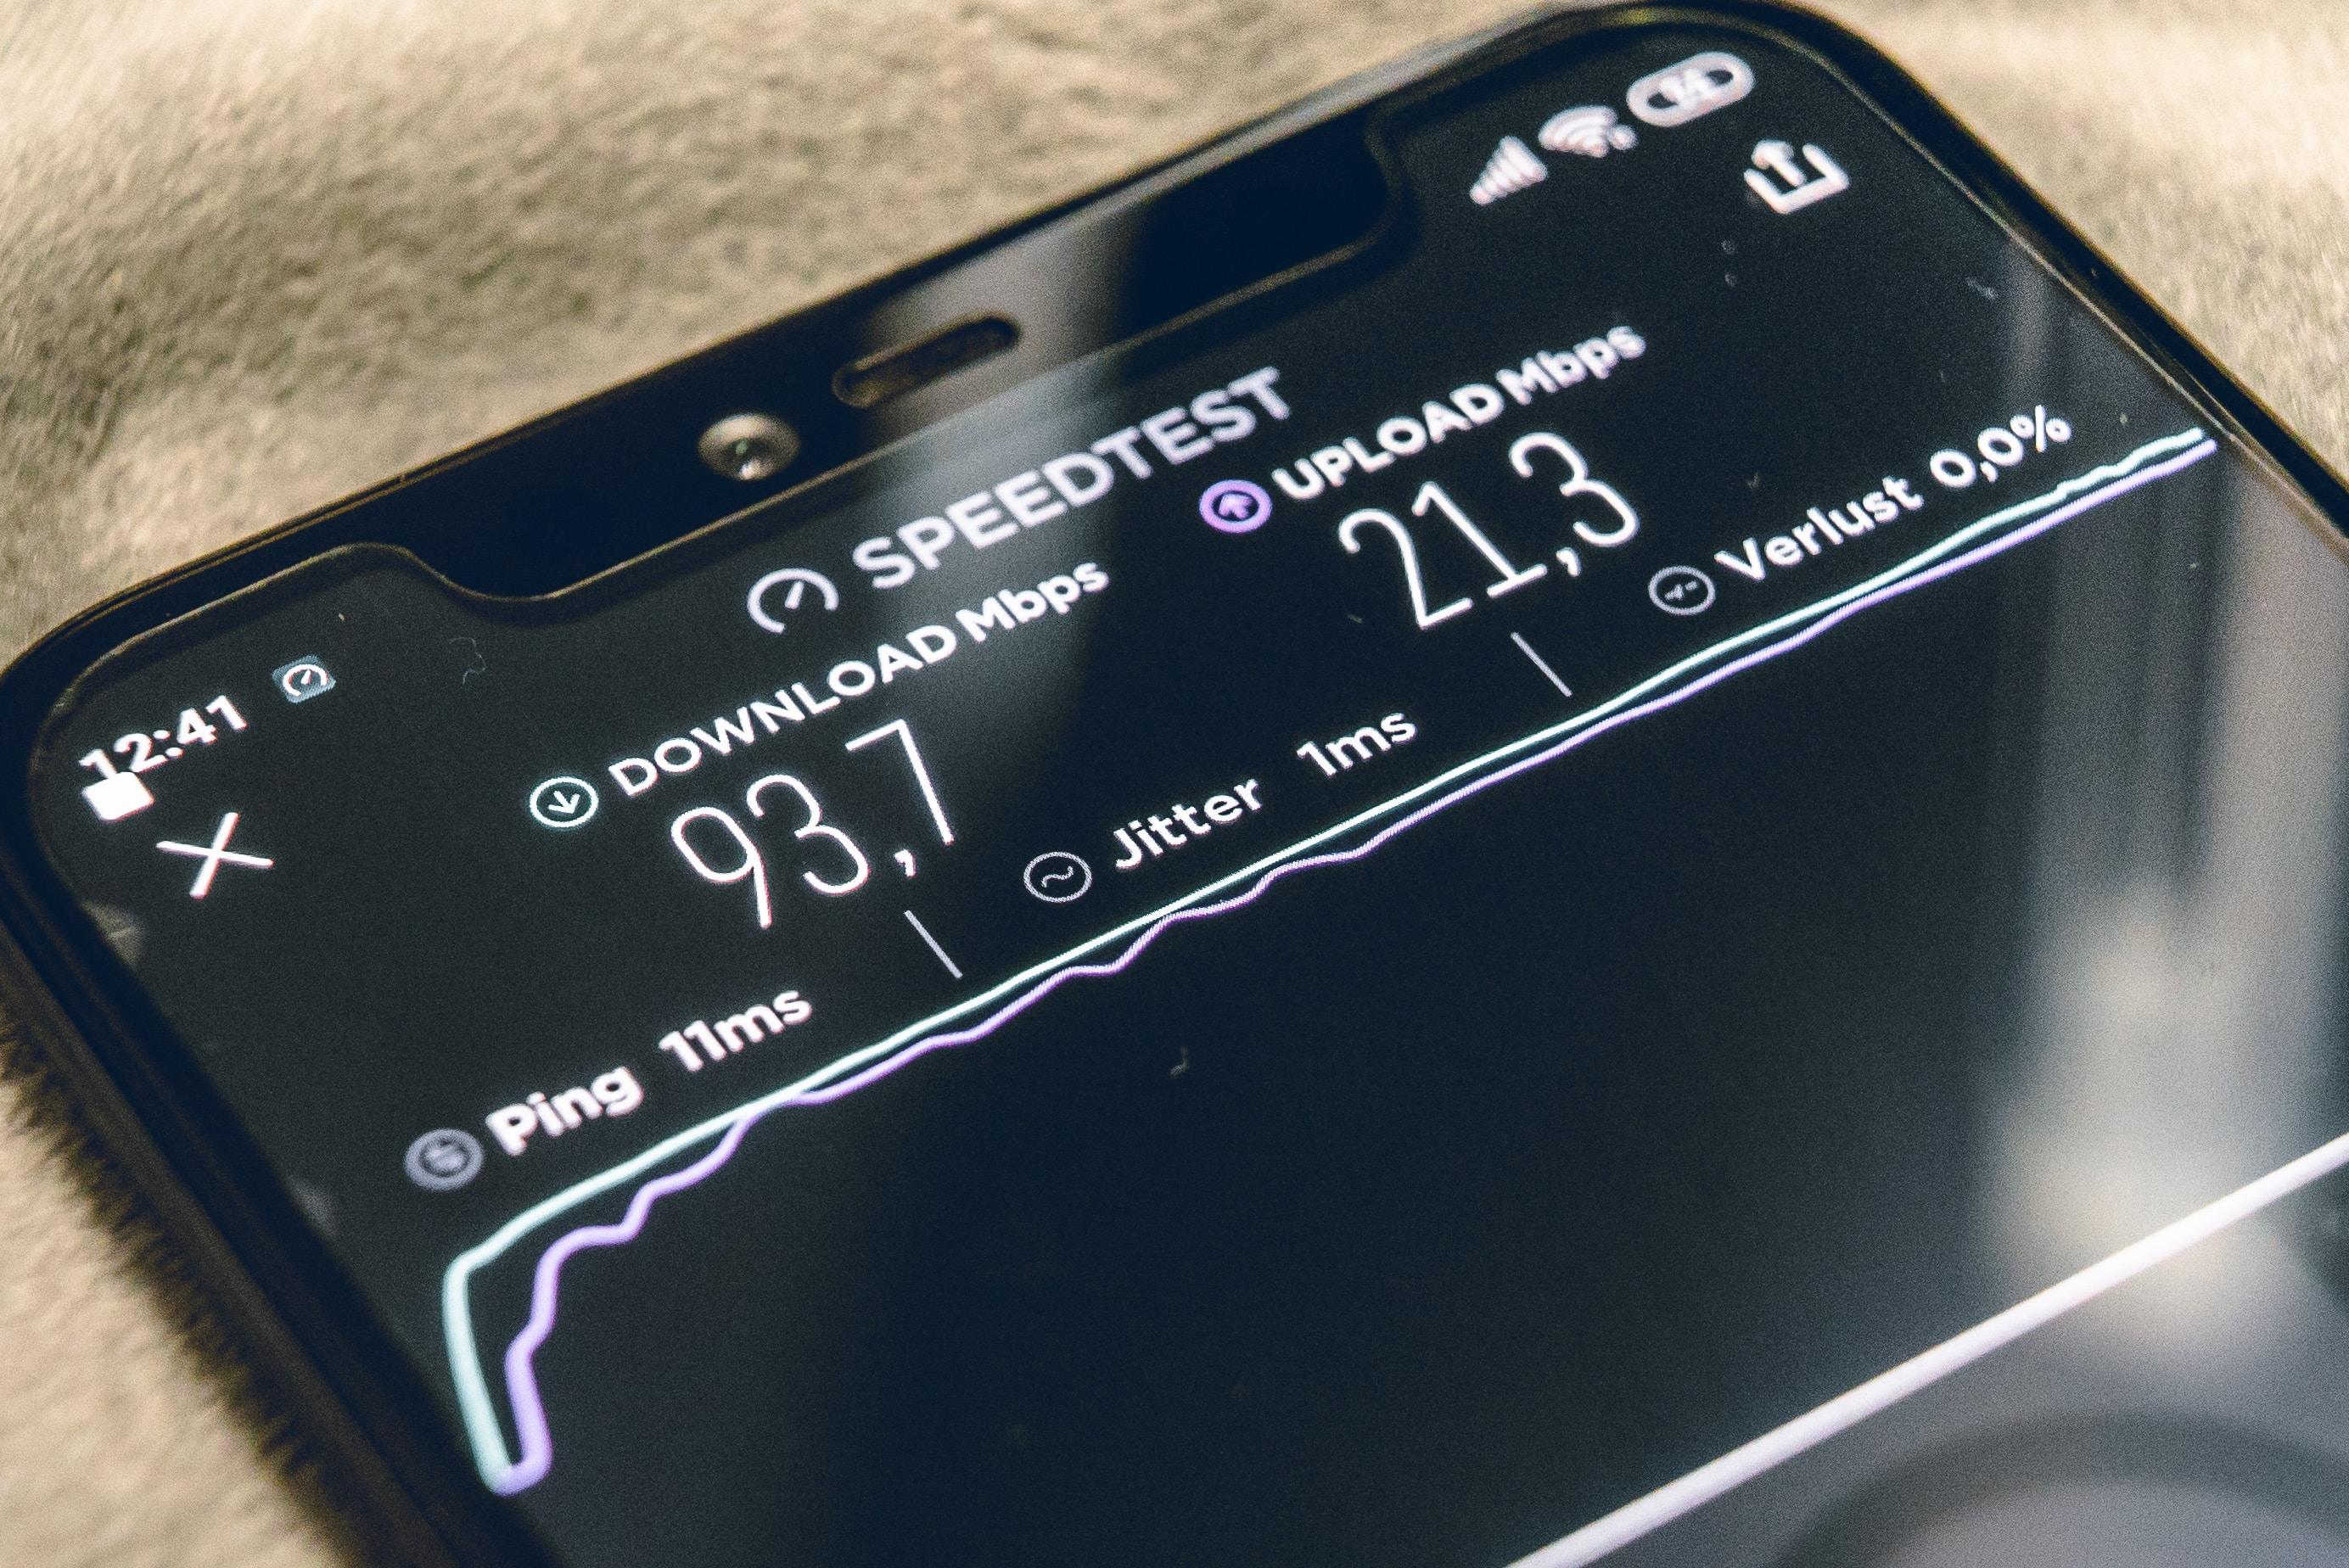 ¿Qué dispositivos existen para ampliar la señal Wi-Fi?